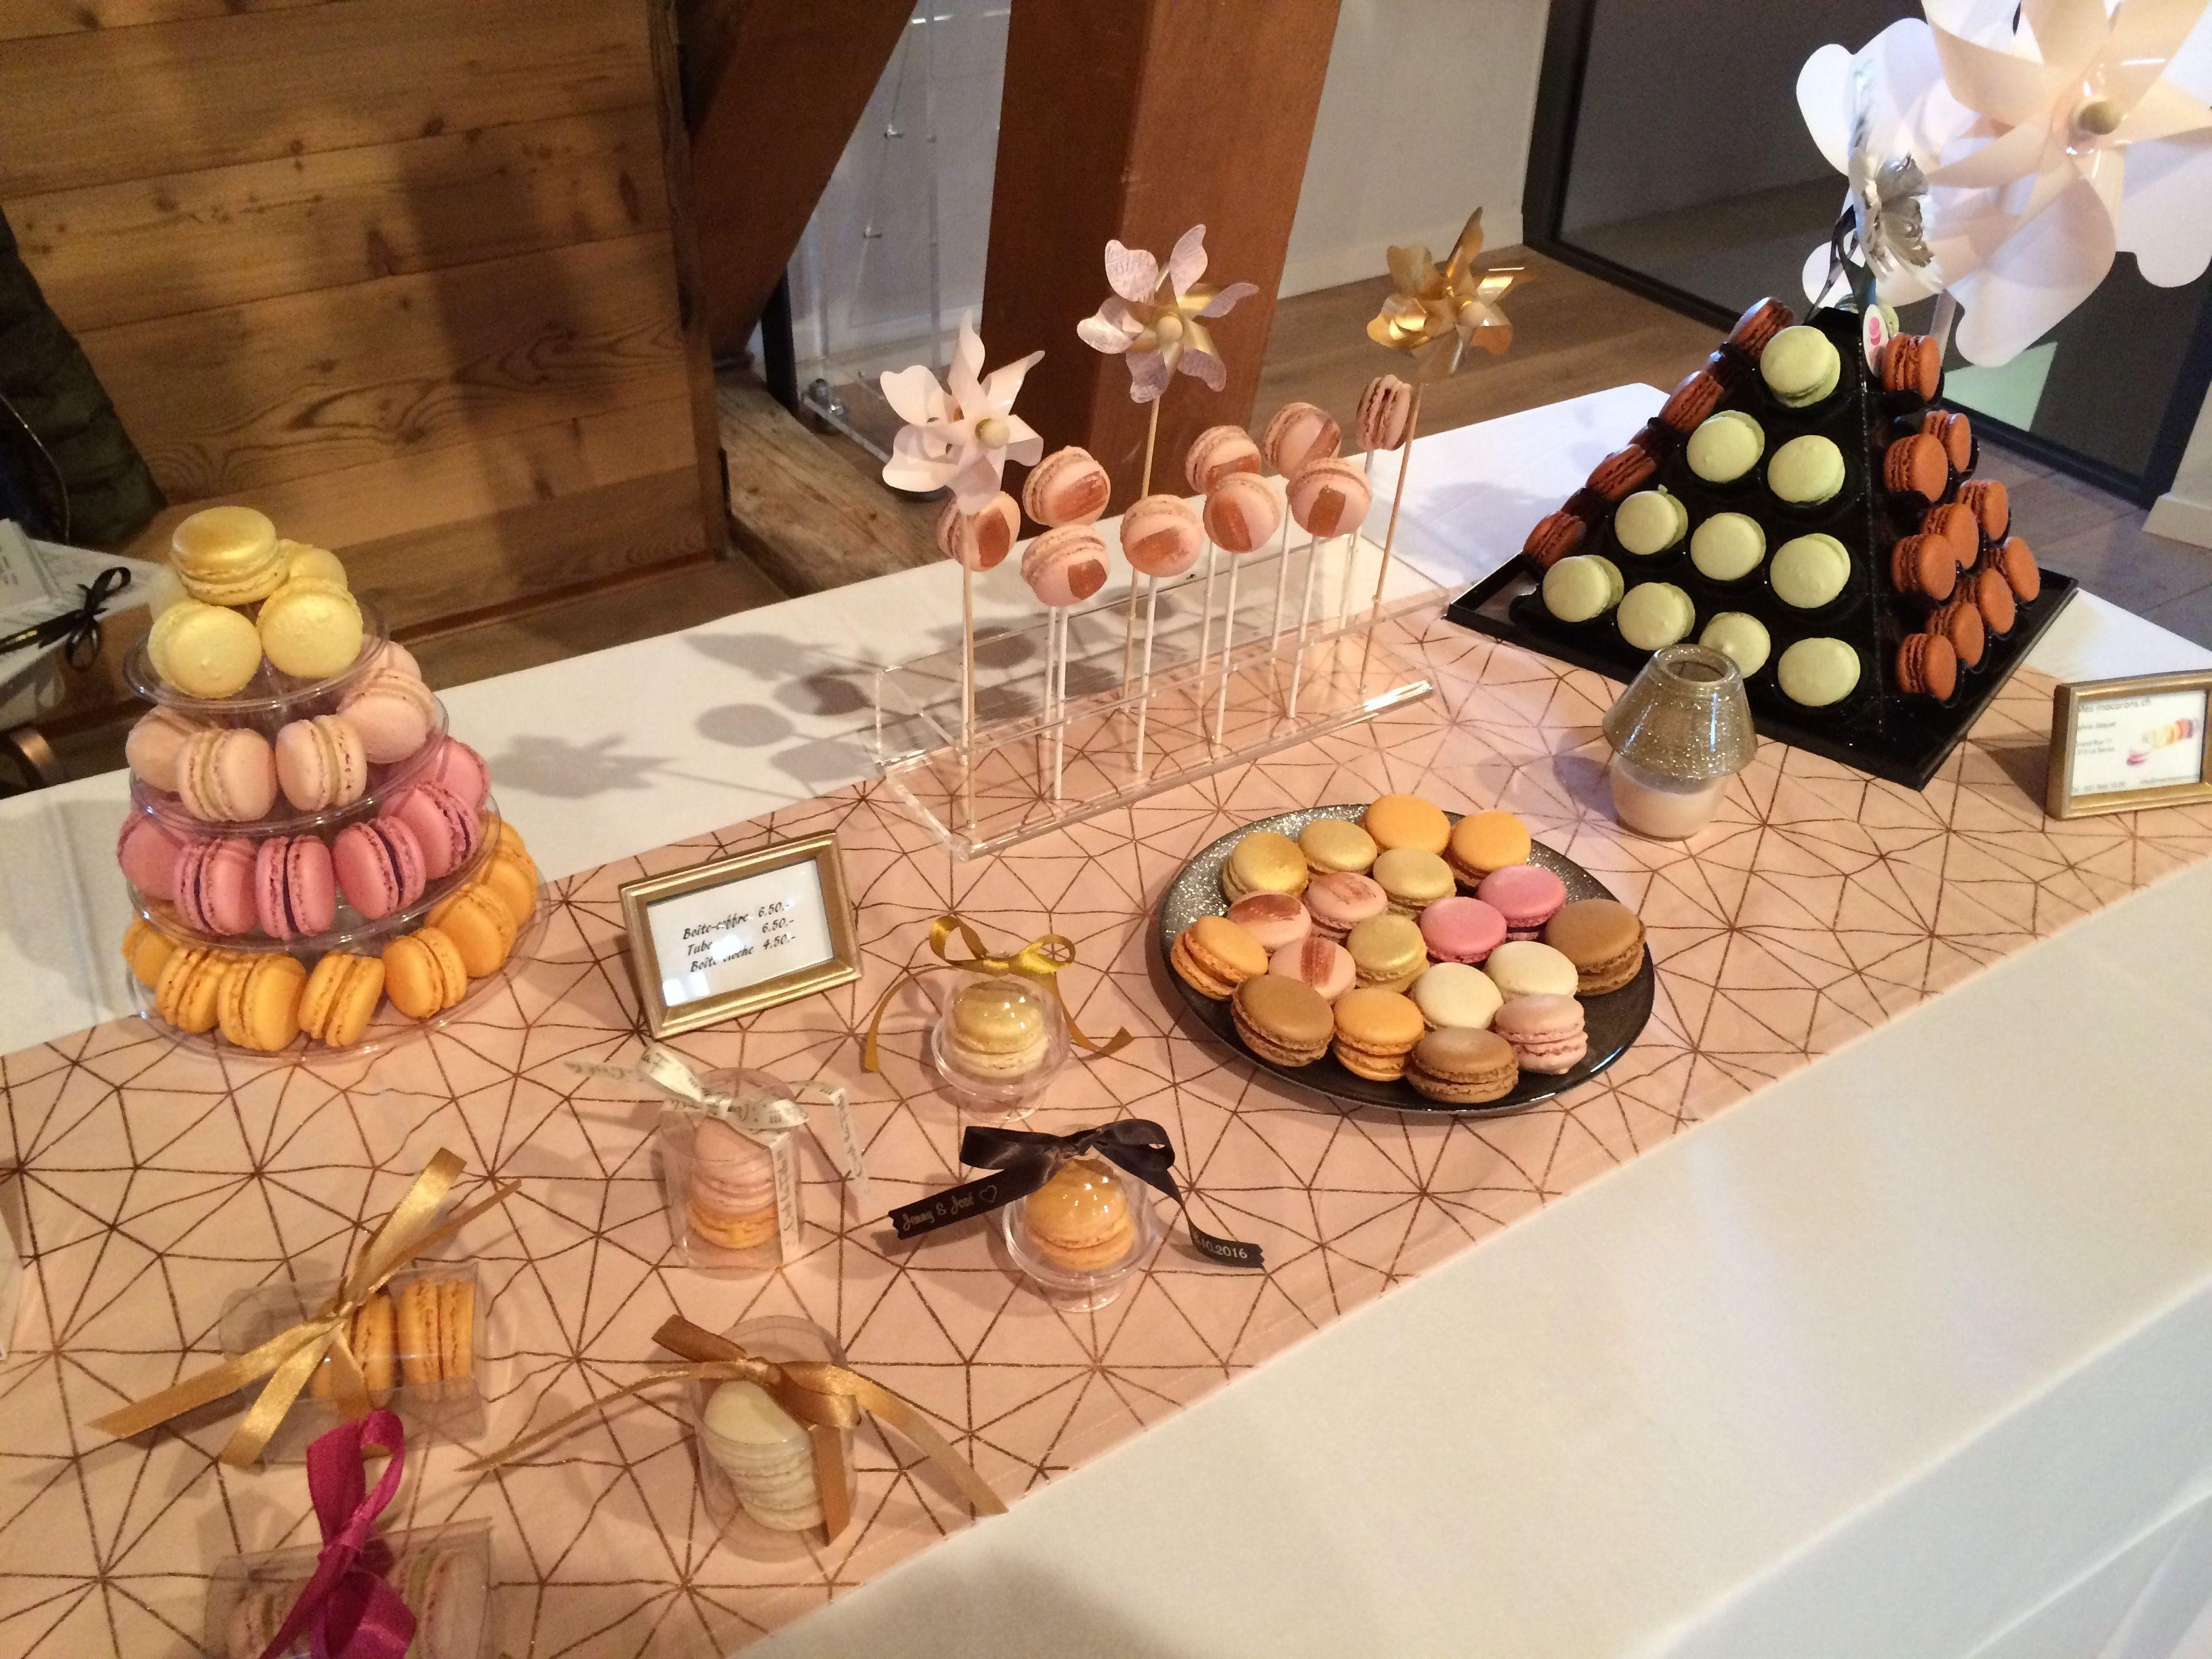 Idées déco macarons pour mariage ou réception